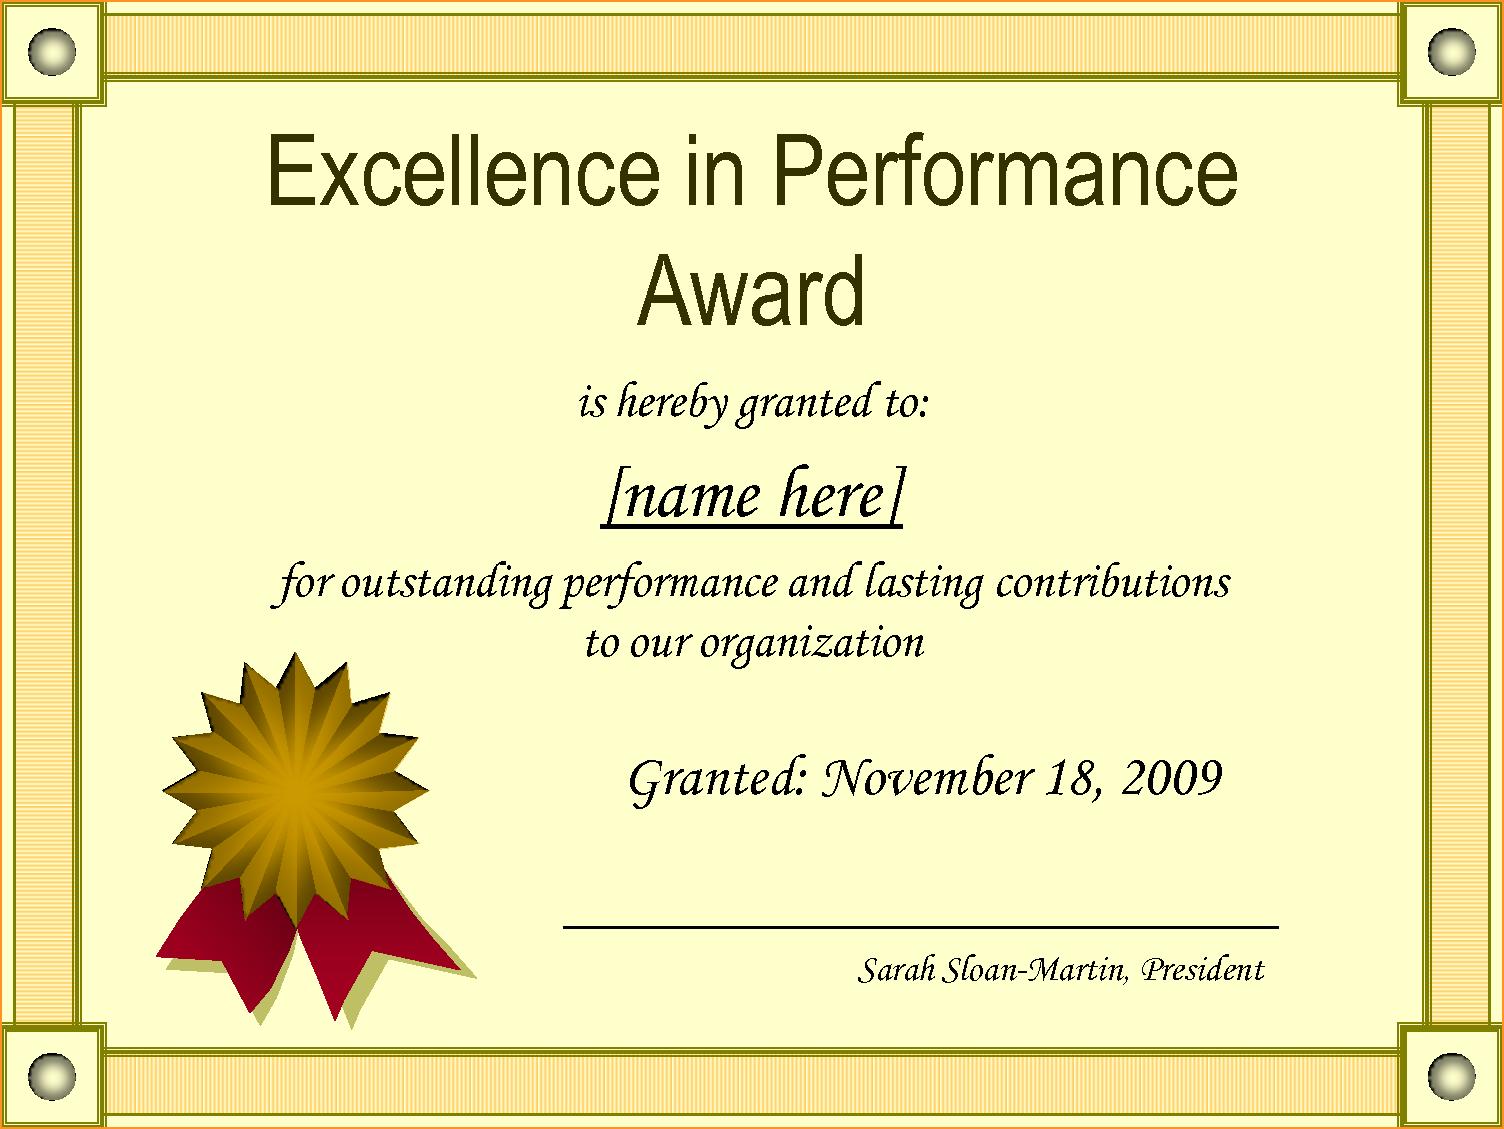 Silver Award Certificate Template.png · Award Certificate Template.16774641. png PlusPng.com  - PNG Certificates Award